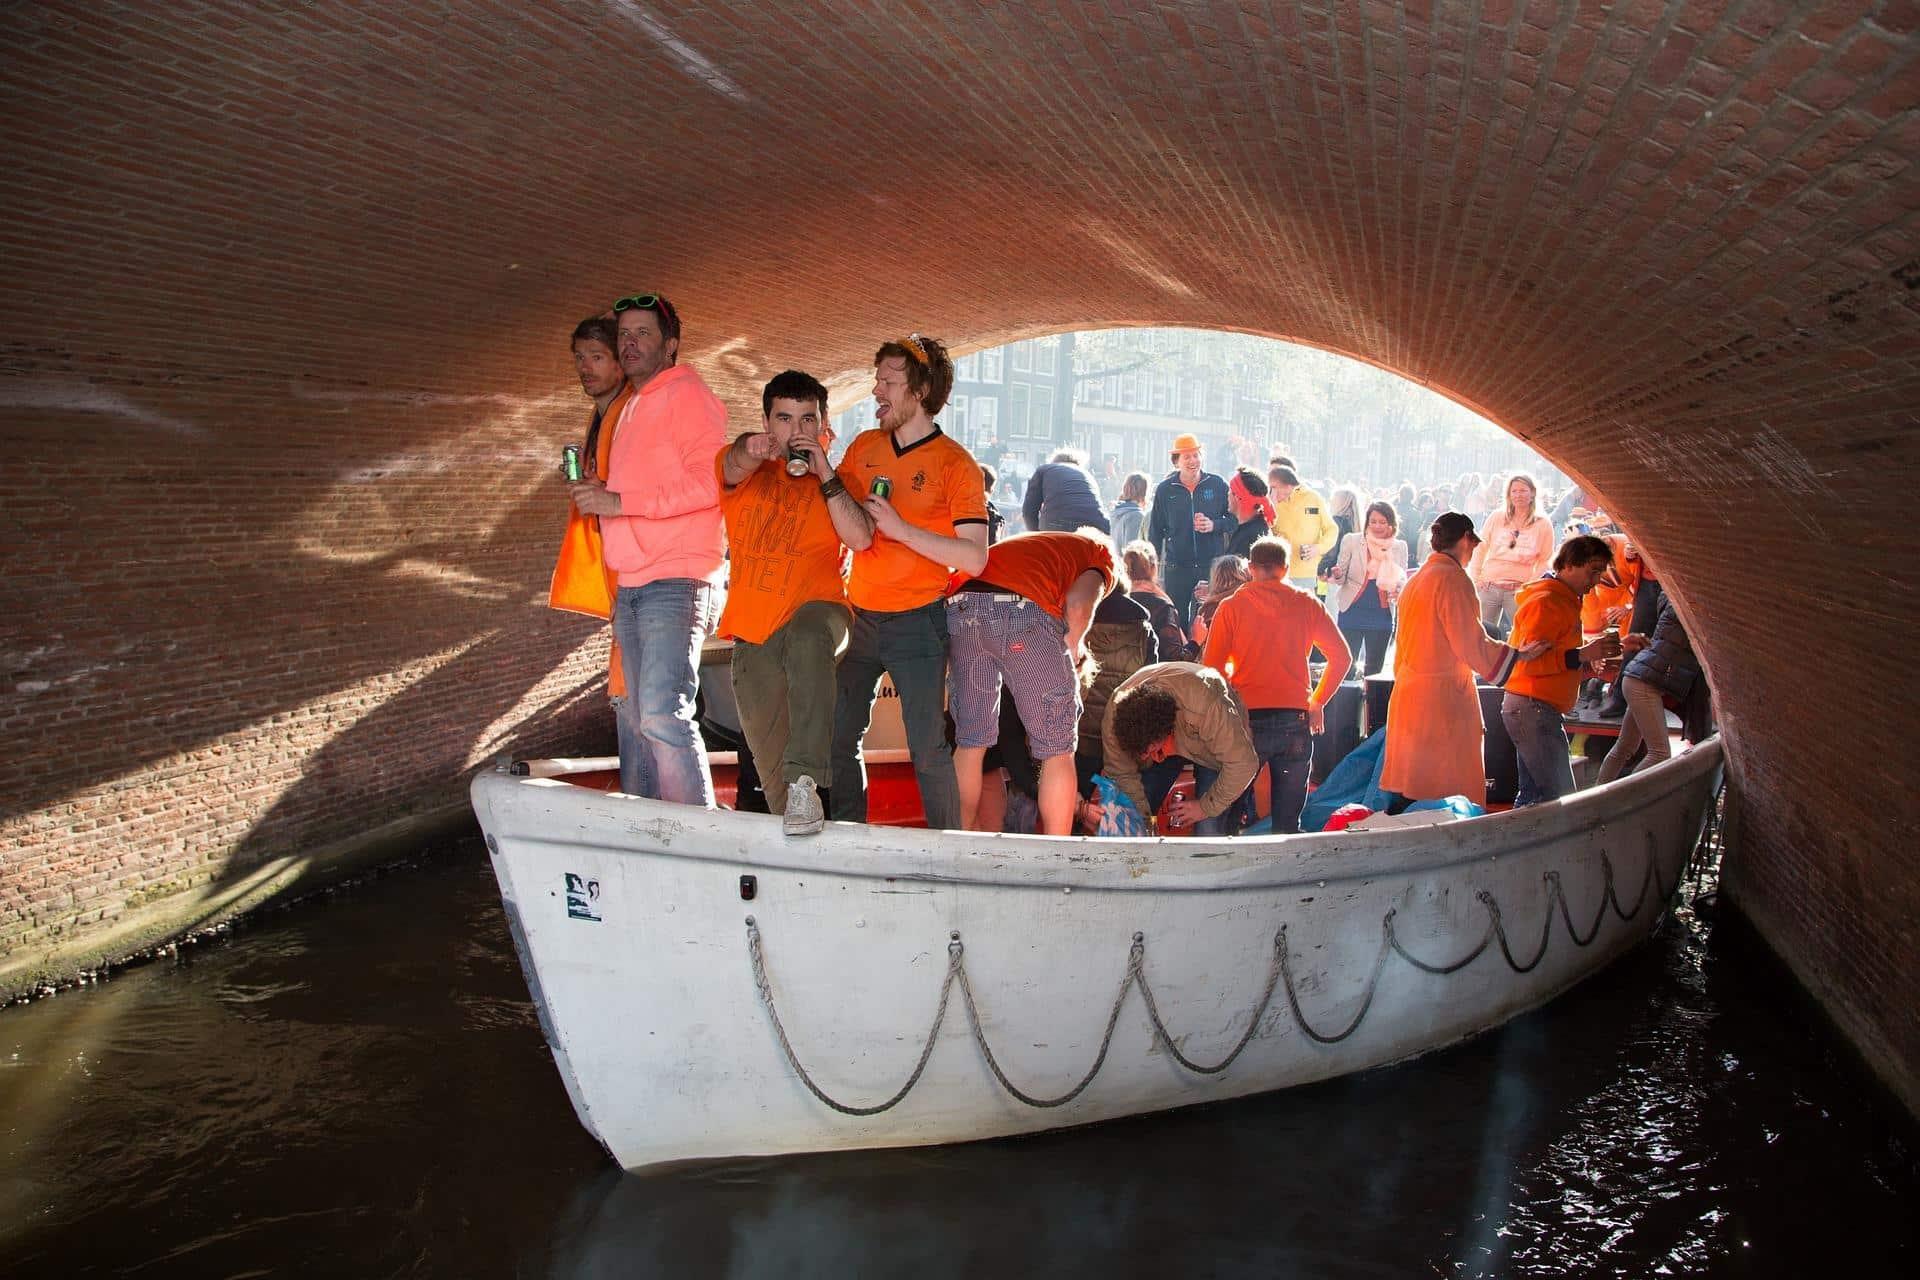 Junggesellenabschied auf einem Boot